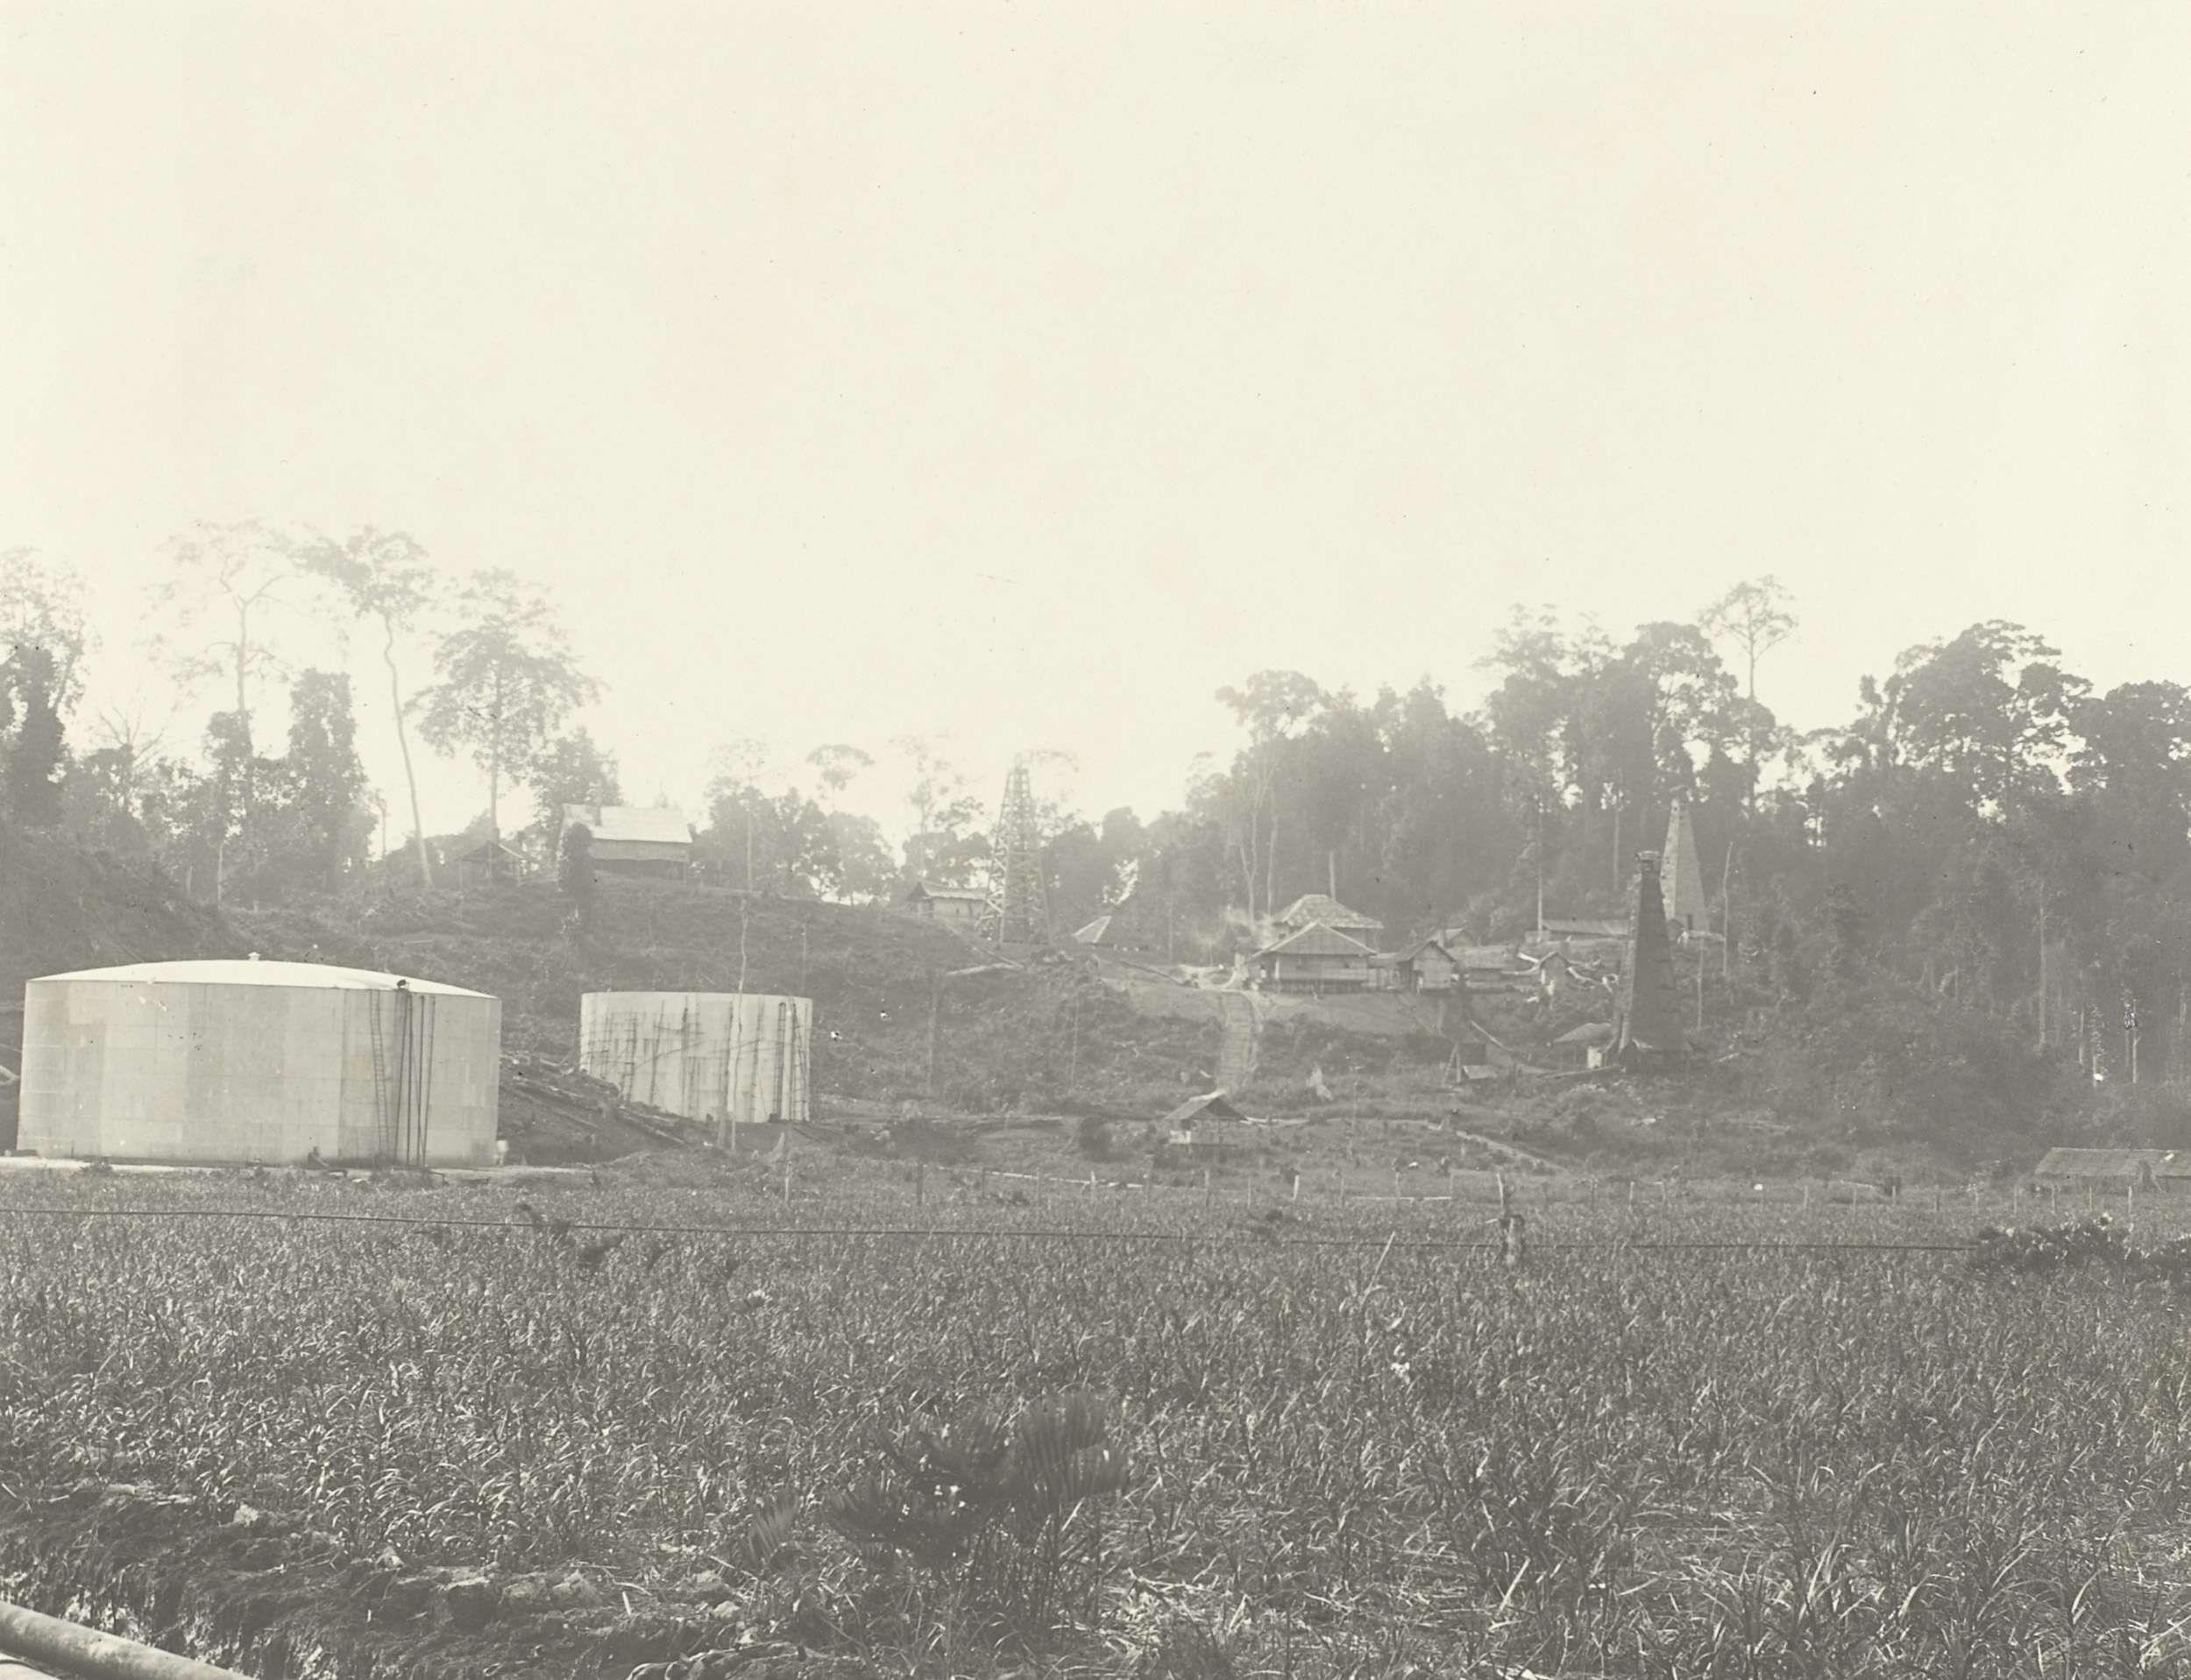 Anonymous | Olietanks en boortoren, Anonymous, 1903 - 1907 | Gezicht op olietanks en een boortoren in een dorp. Foto in het fotoalbum over de oliewinning op Borneo door de Koninklijke Nederlandsche Petroleum Maatschappij (KNPM) in de jaren 1903-1907.